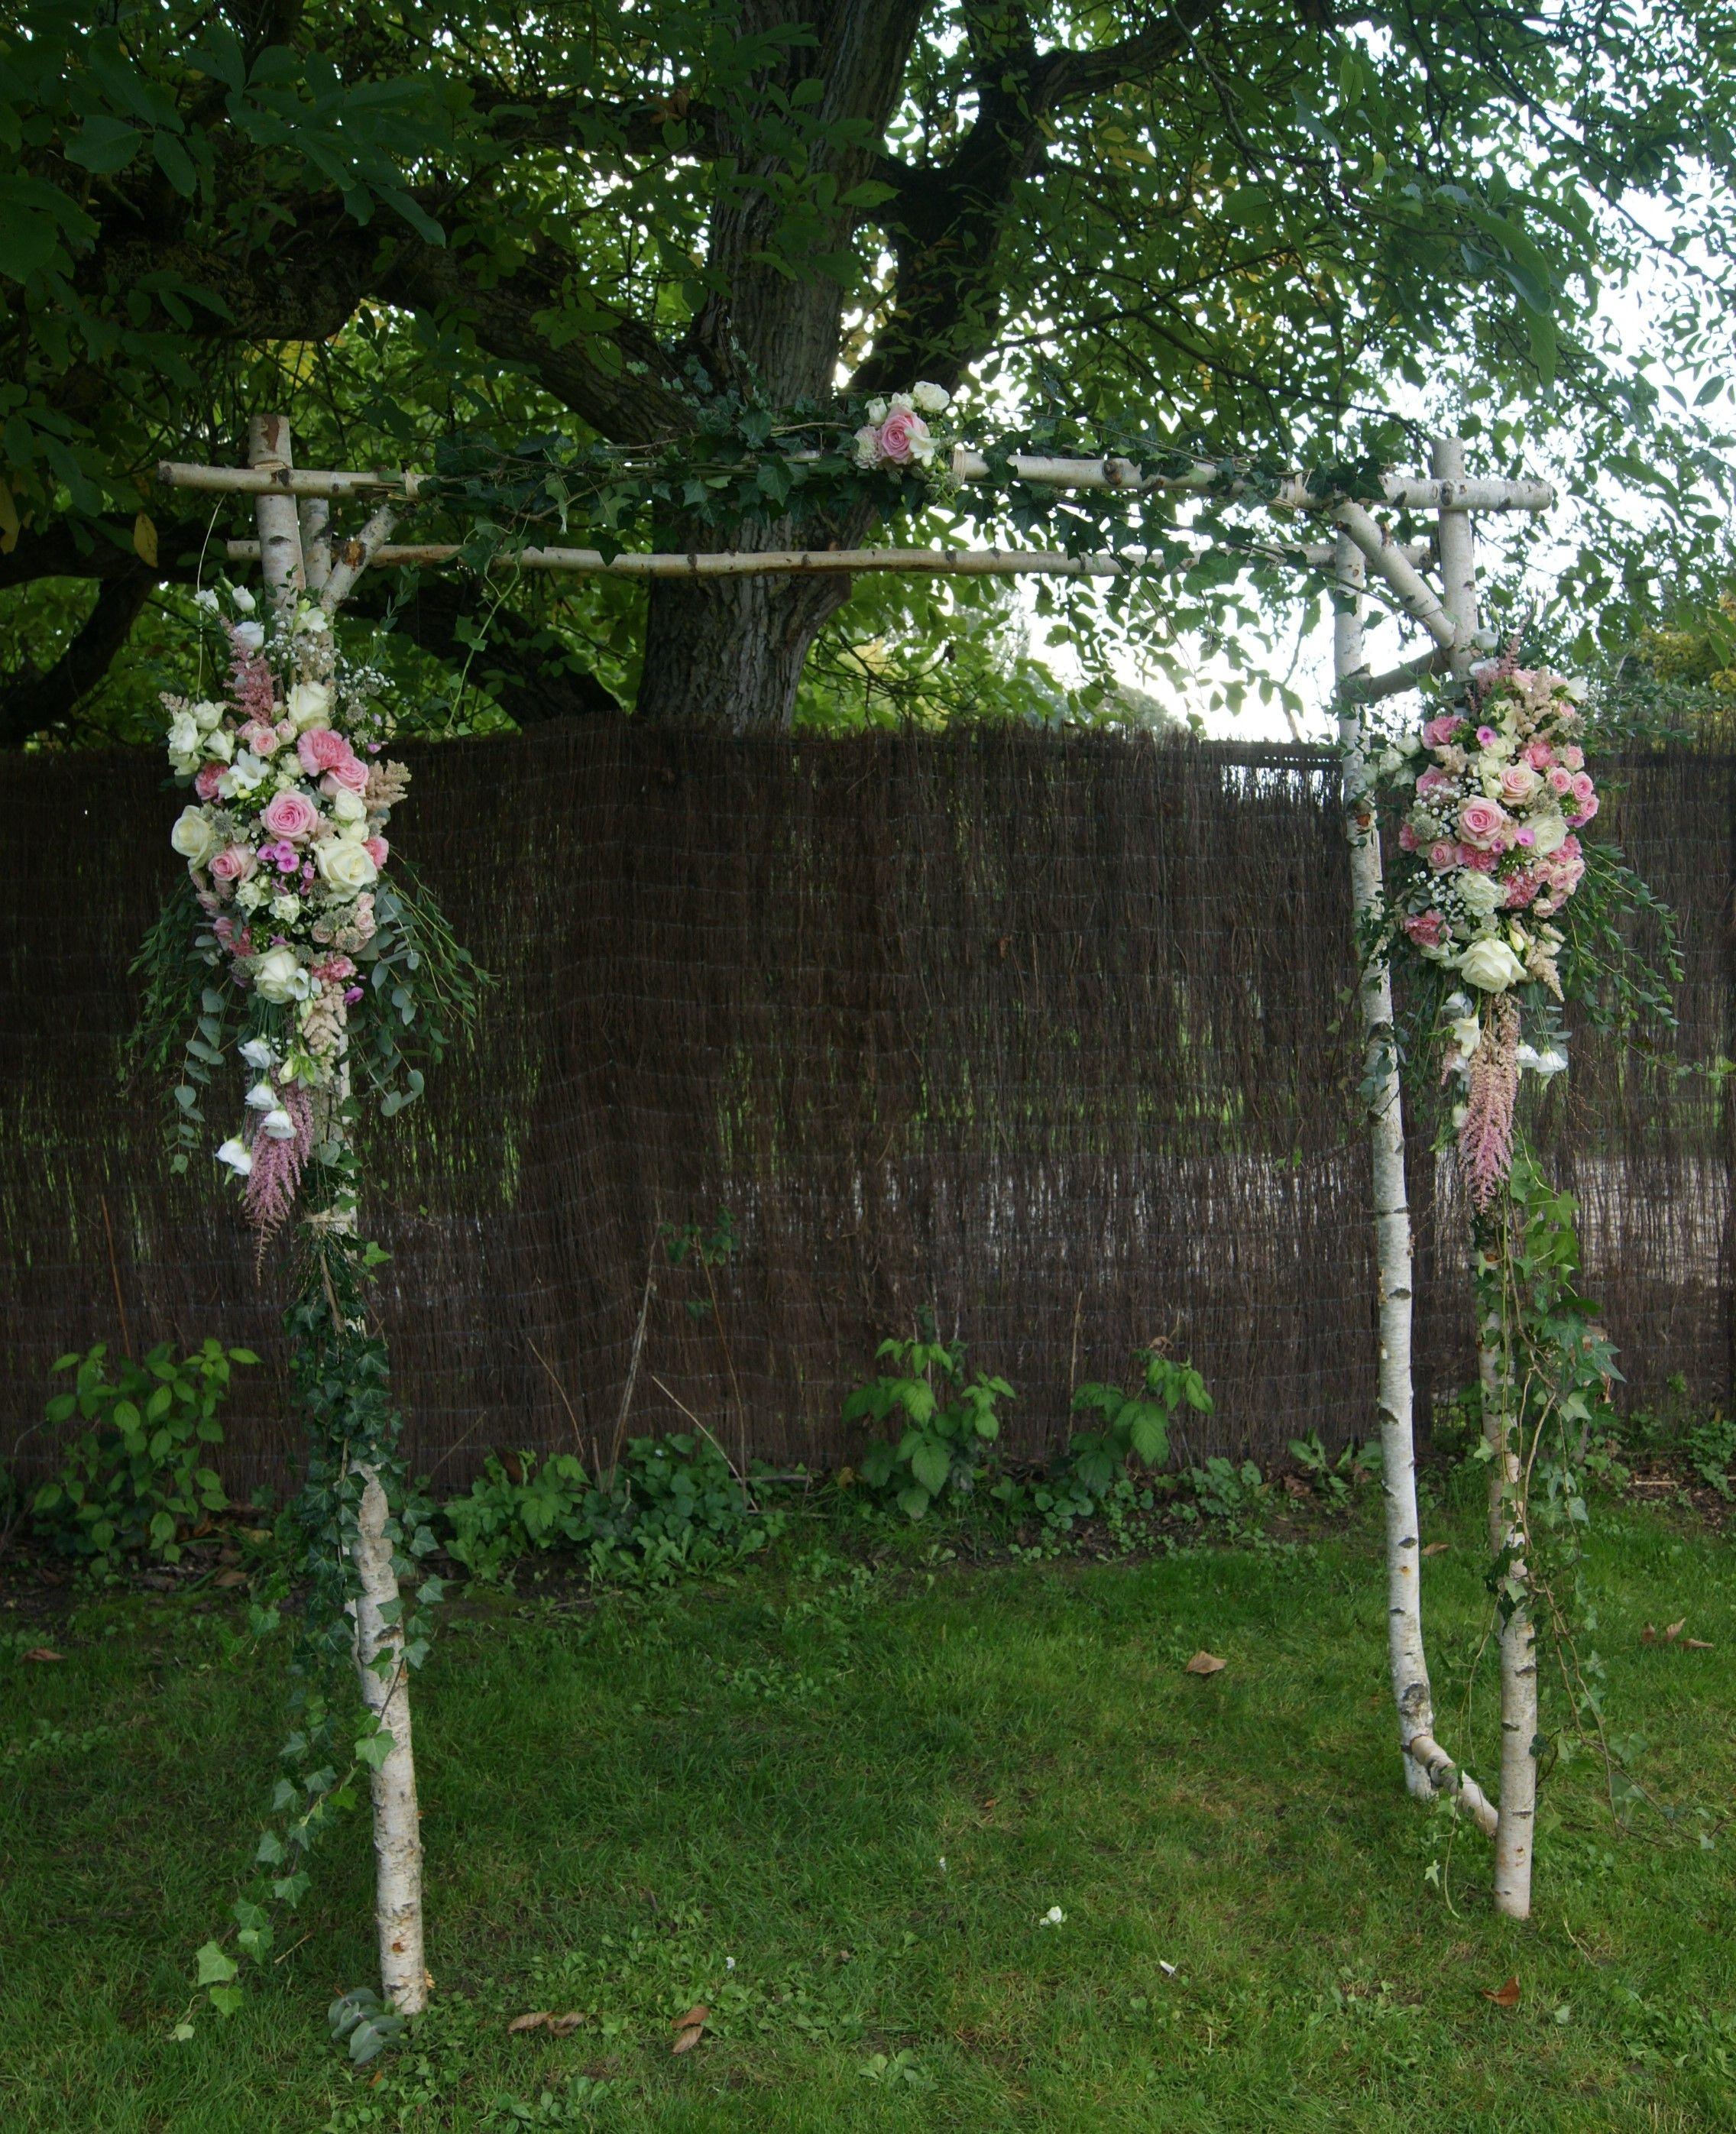 arche fleurie mariage en rose et blanc sur bois de bouleau avec lierre fleurs flowers. Black Bedroom Furniture Sets. Home Design Ideas